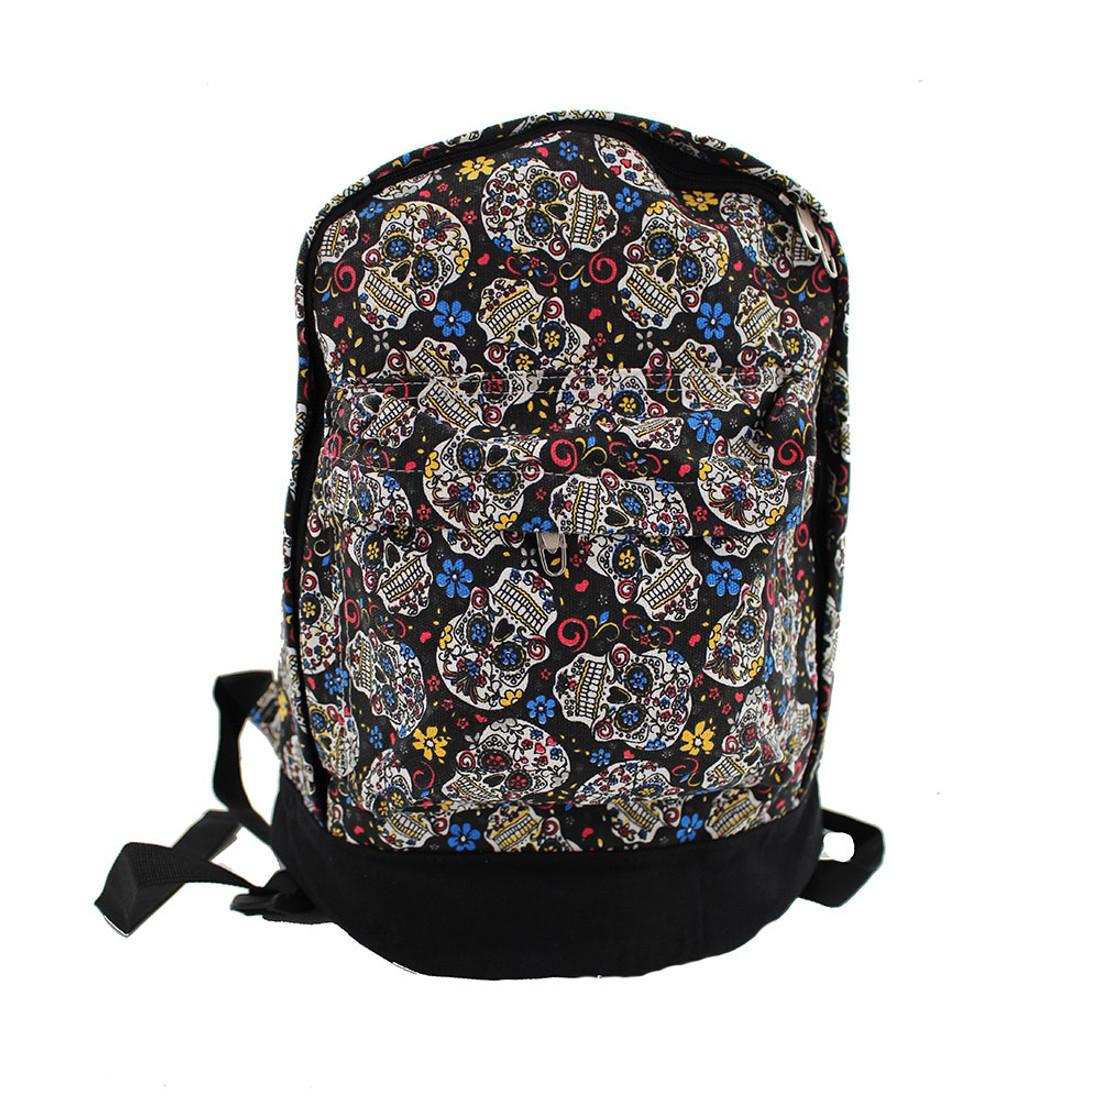 Small sugar skull backpack.